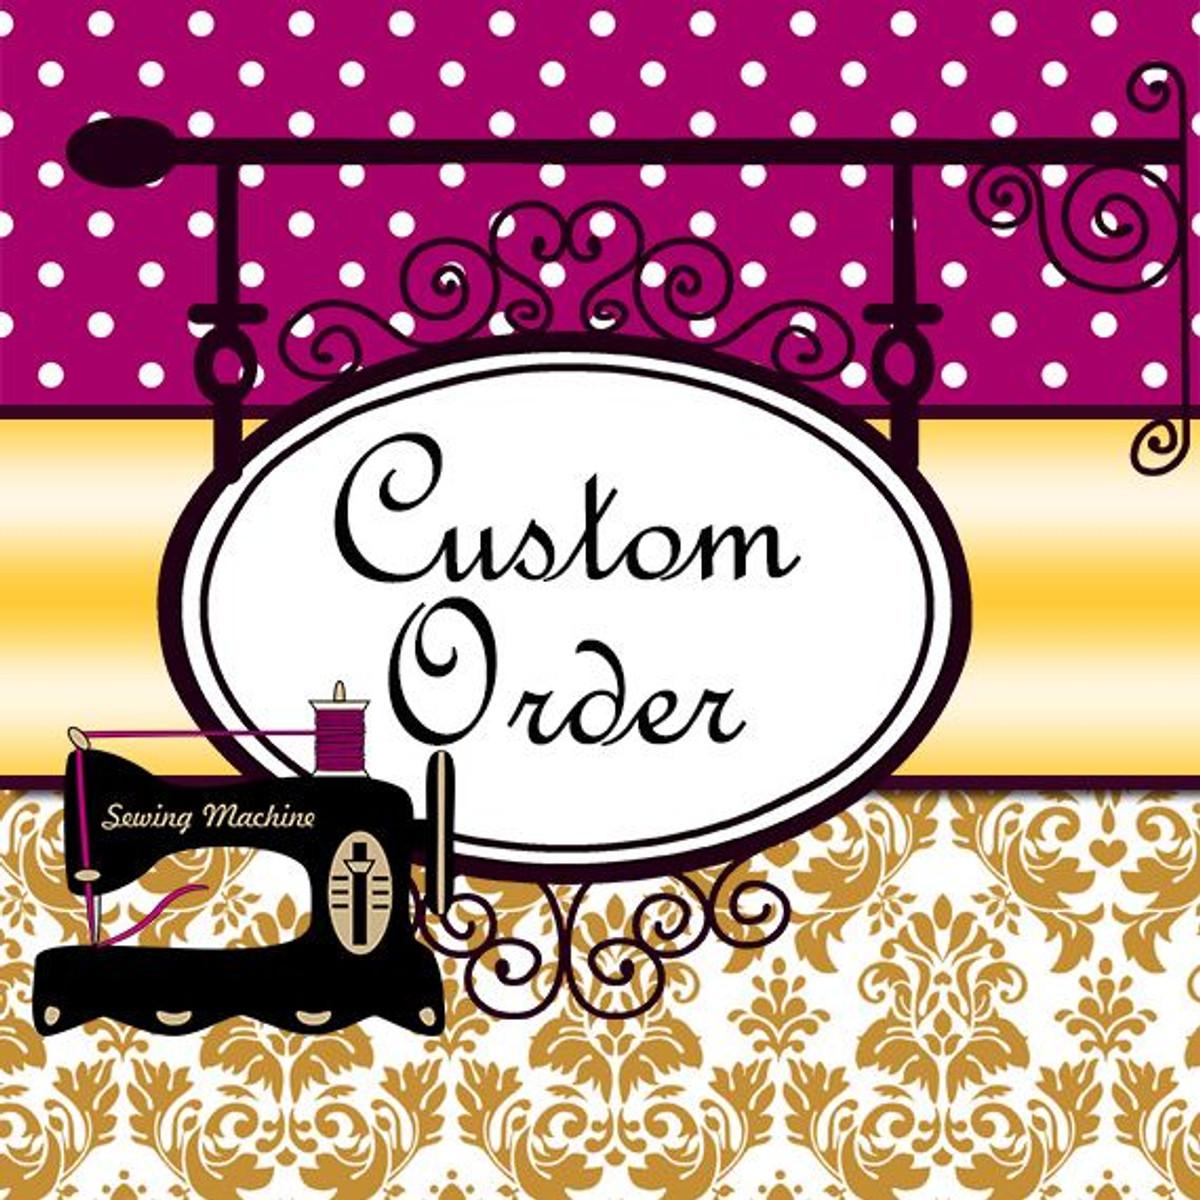 Custom Wedding Dress for OrienW